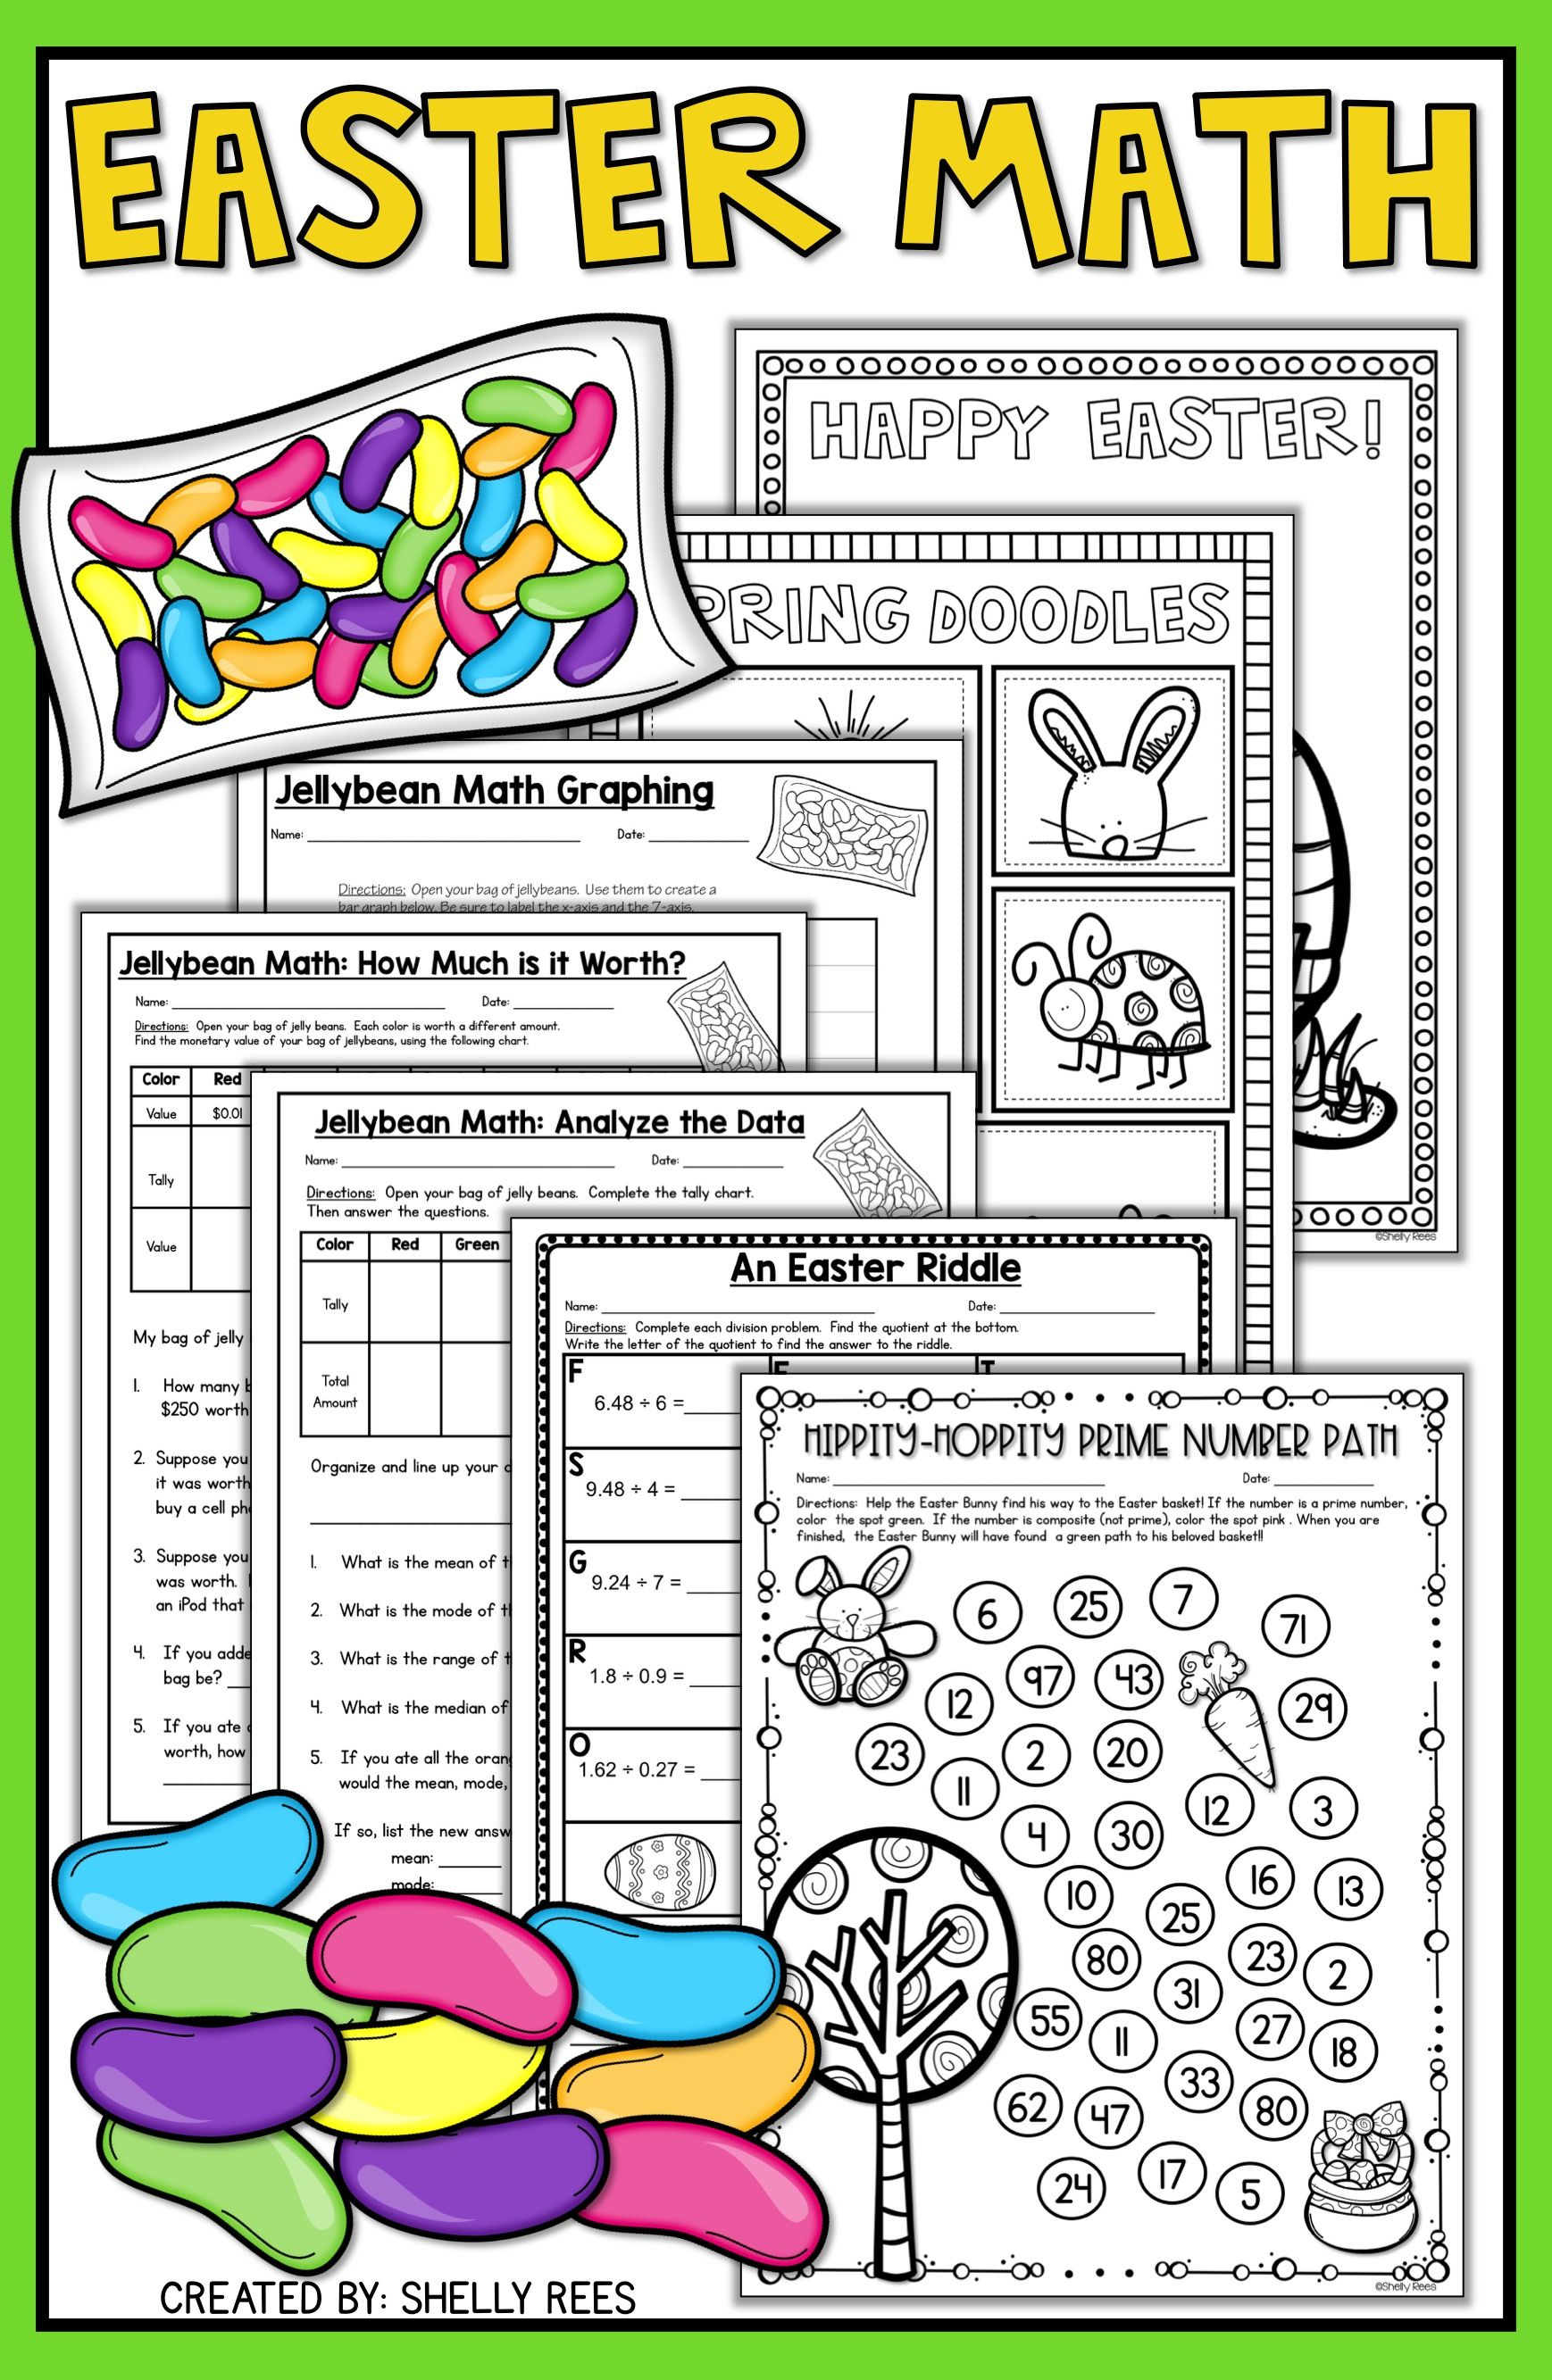 medium resolution of Easter Math Worksheets - Jellybean Math - Easter Activities   Easter math